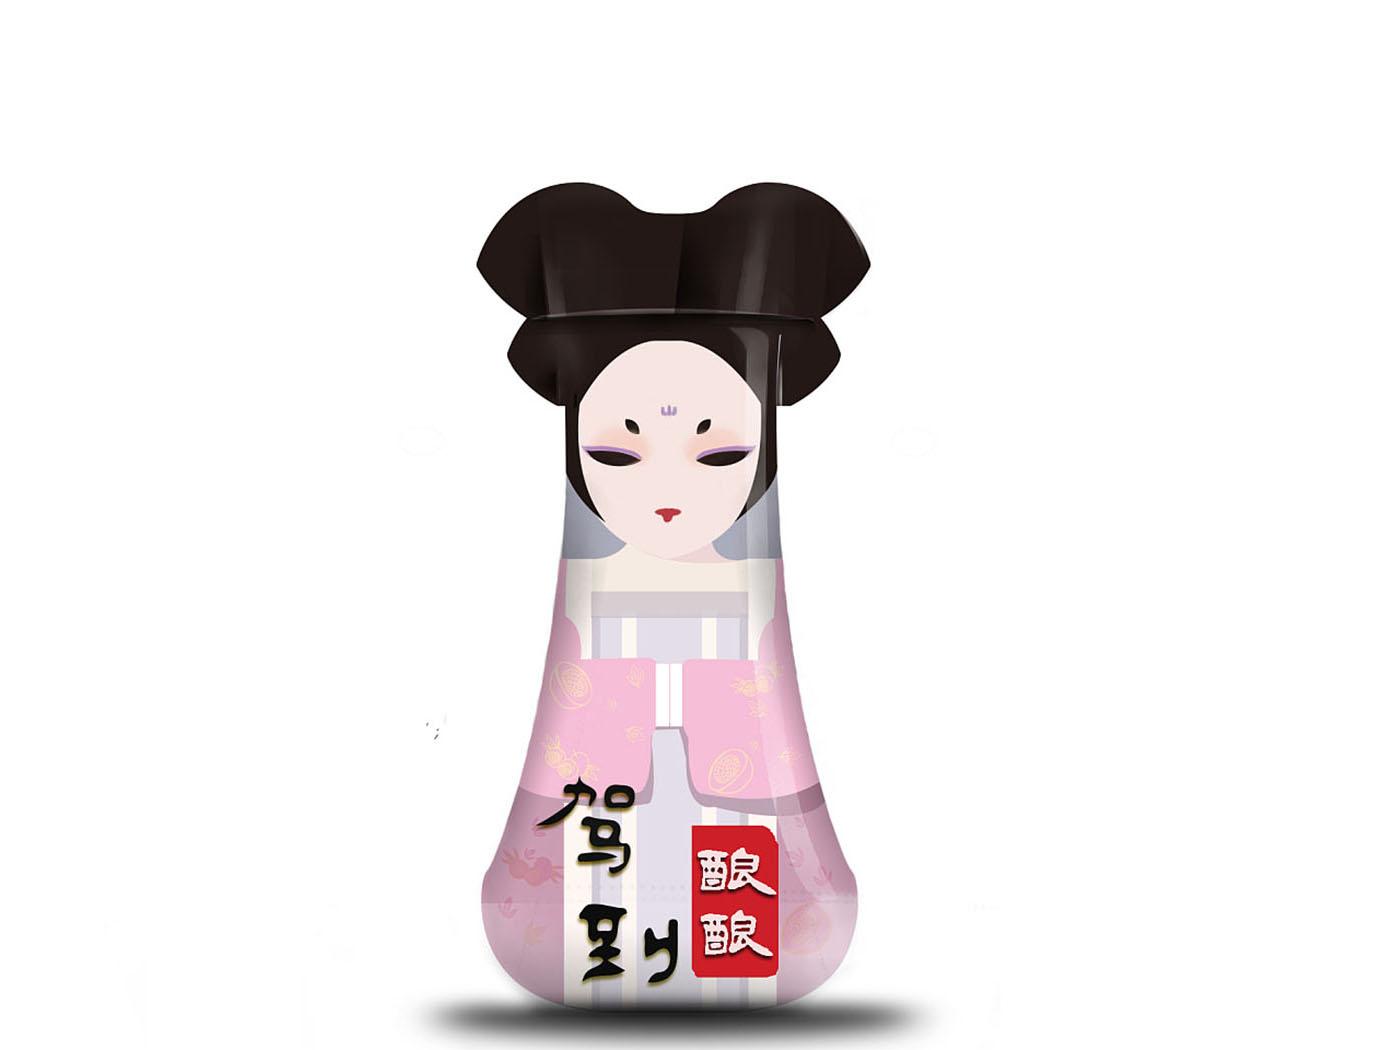 创意米酒包装设计-酒类包装设计公司